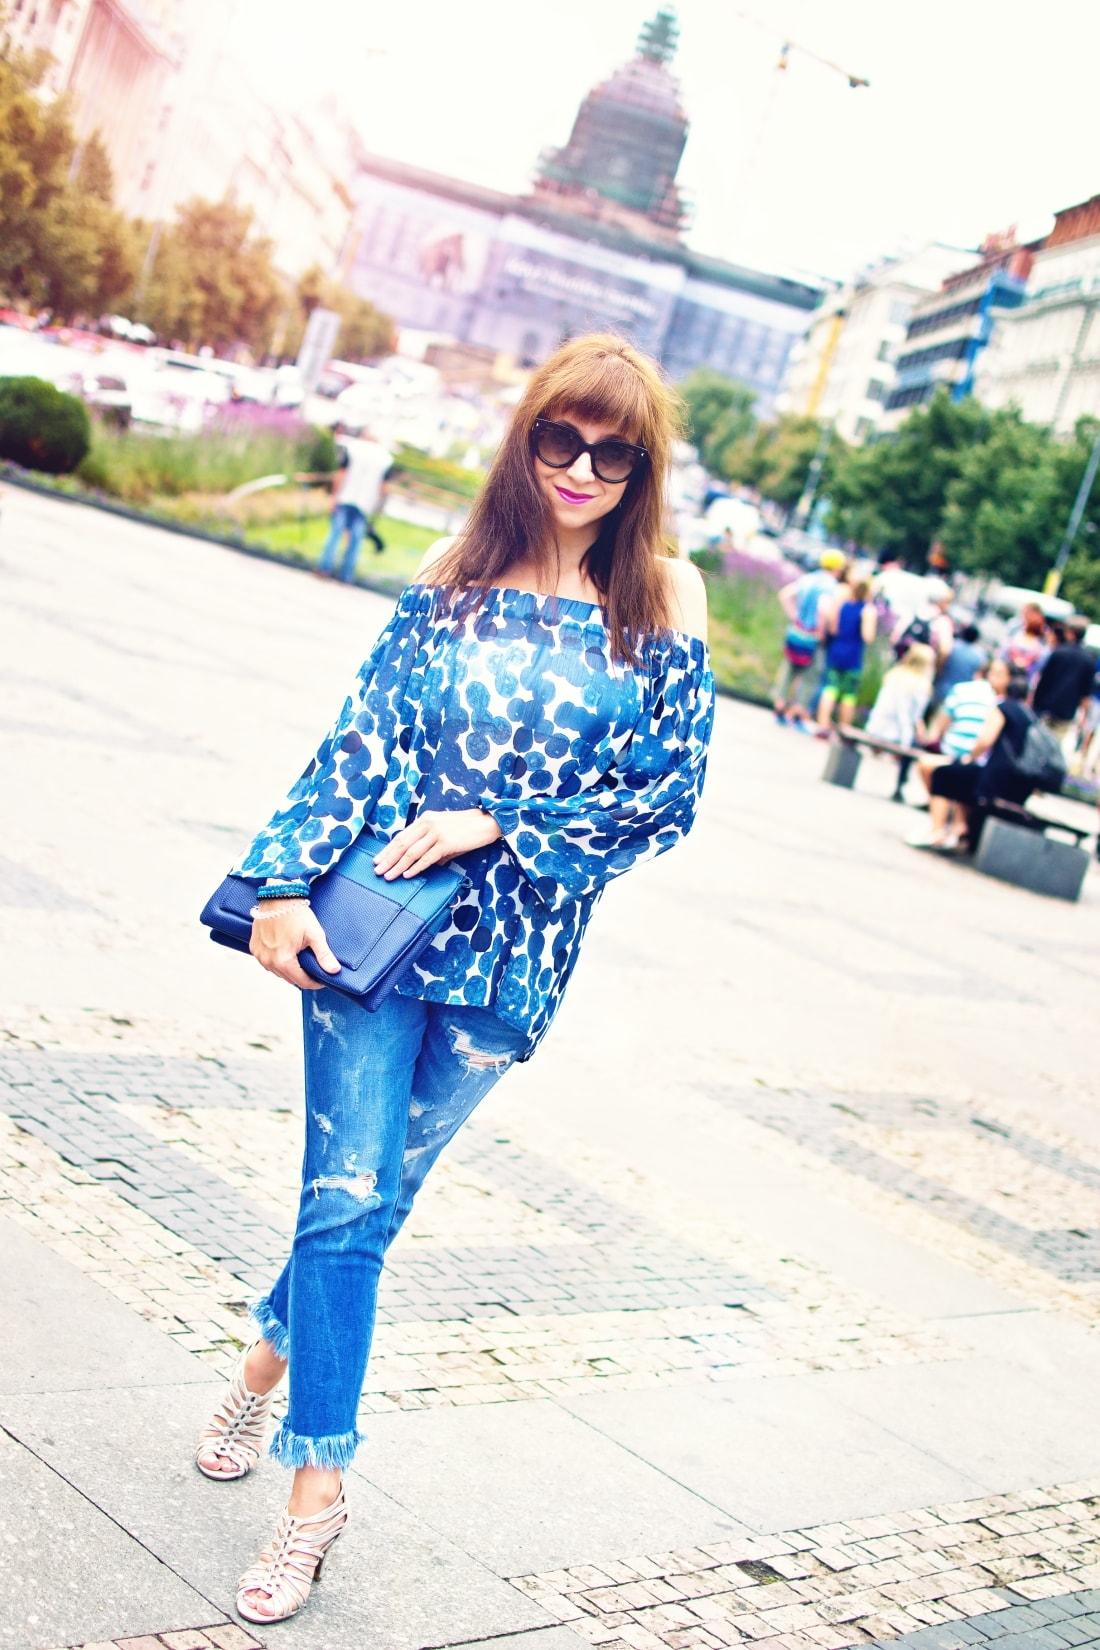 What is your message?_Katharine-fashion is beautiful blog 1_Dots_Bodkovaný top_Strapce_Džínsy zo Zary_Parfois kabelka_Katarína Jakubčová_Fashion blogger